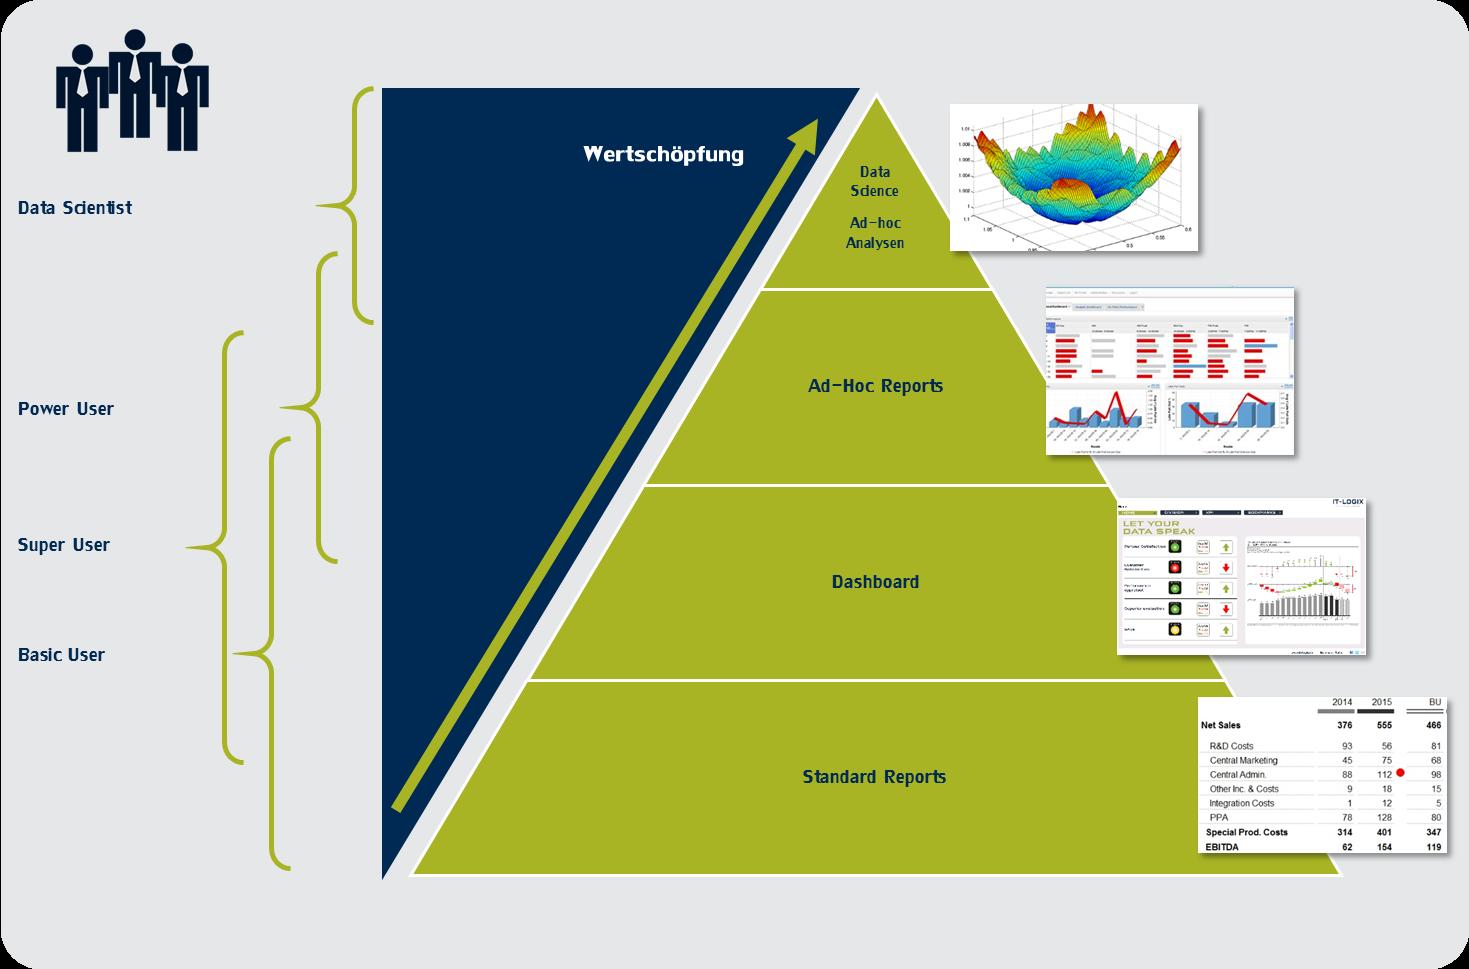 Abbildung 1: BI Benutzergruppen in Verbindung mit den BI Informationsprodukten